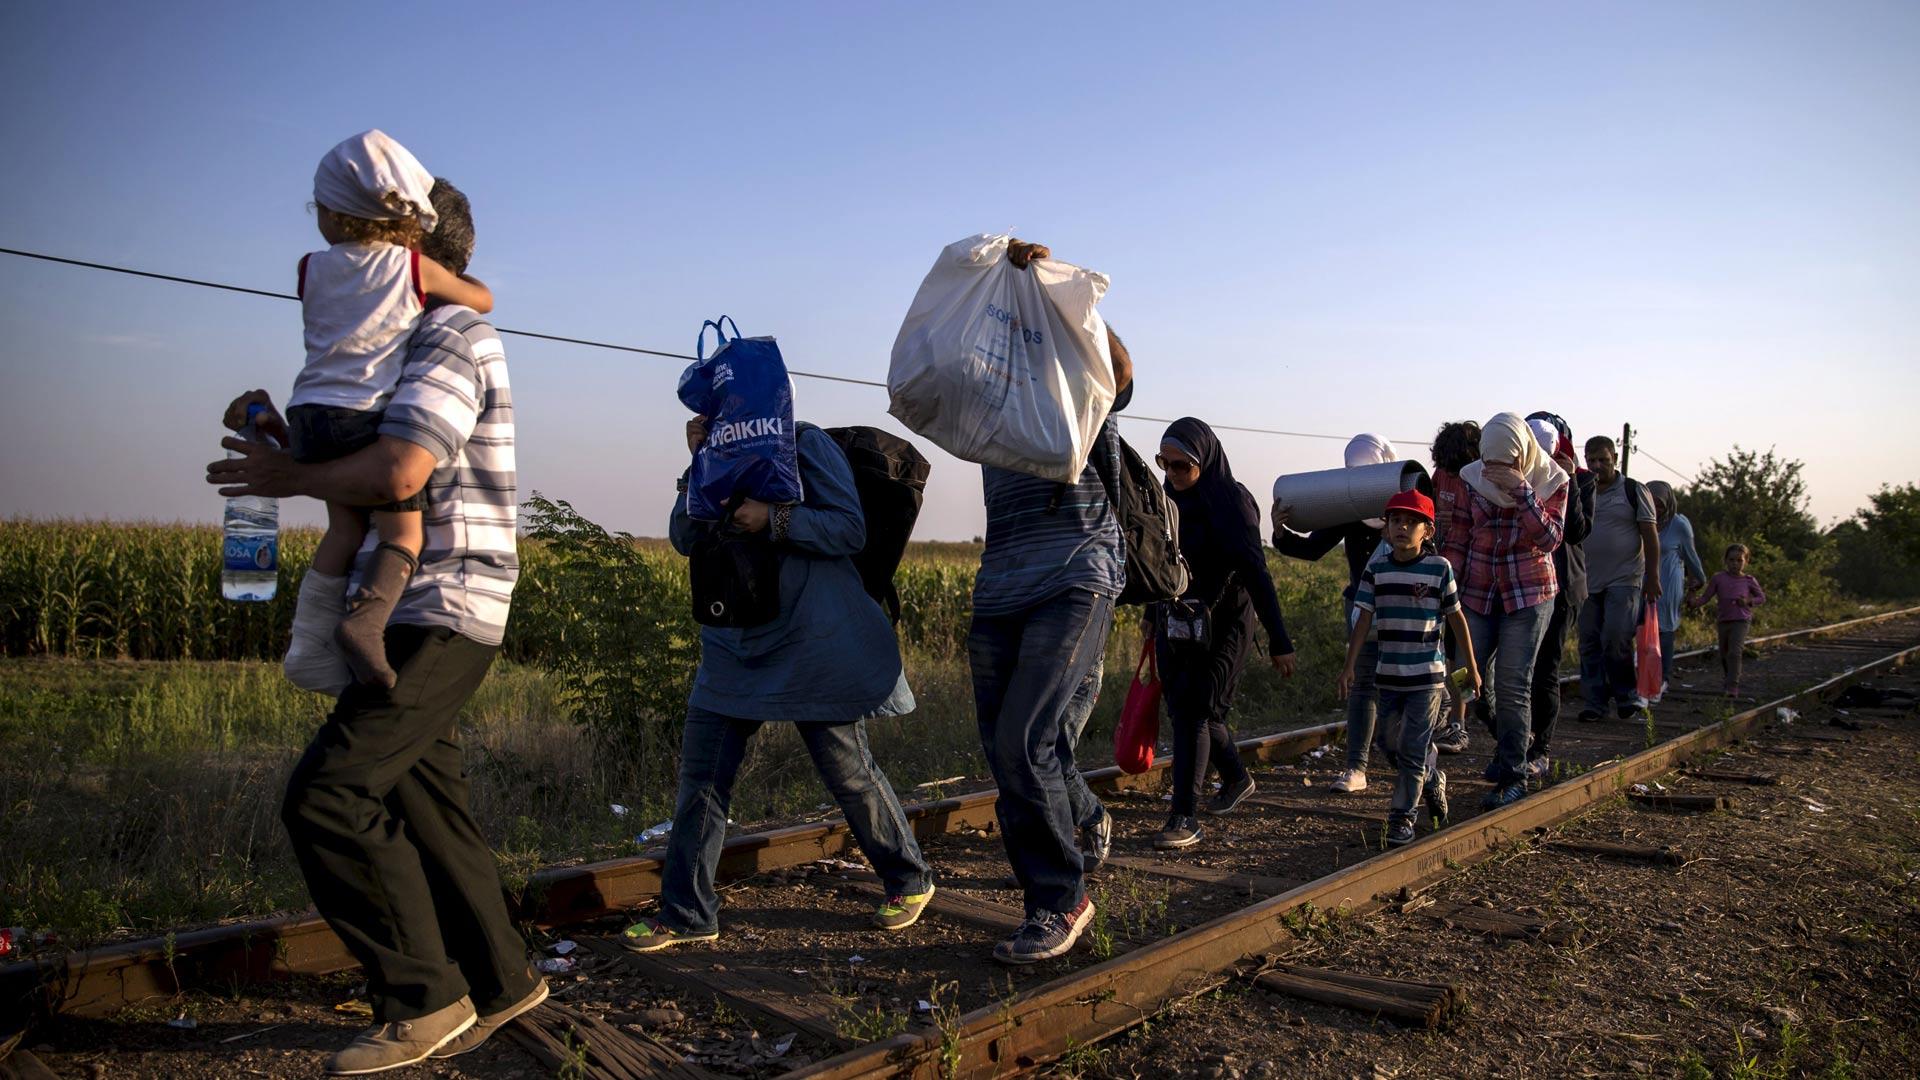 Ministros piden una reunión extraordinaria de Unión Europea para acordar las medidas con respecto a refugiados